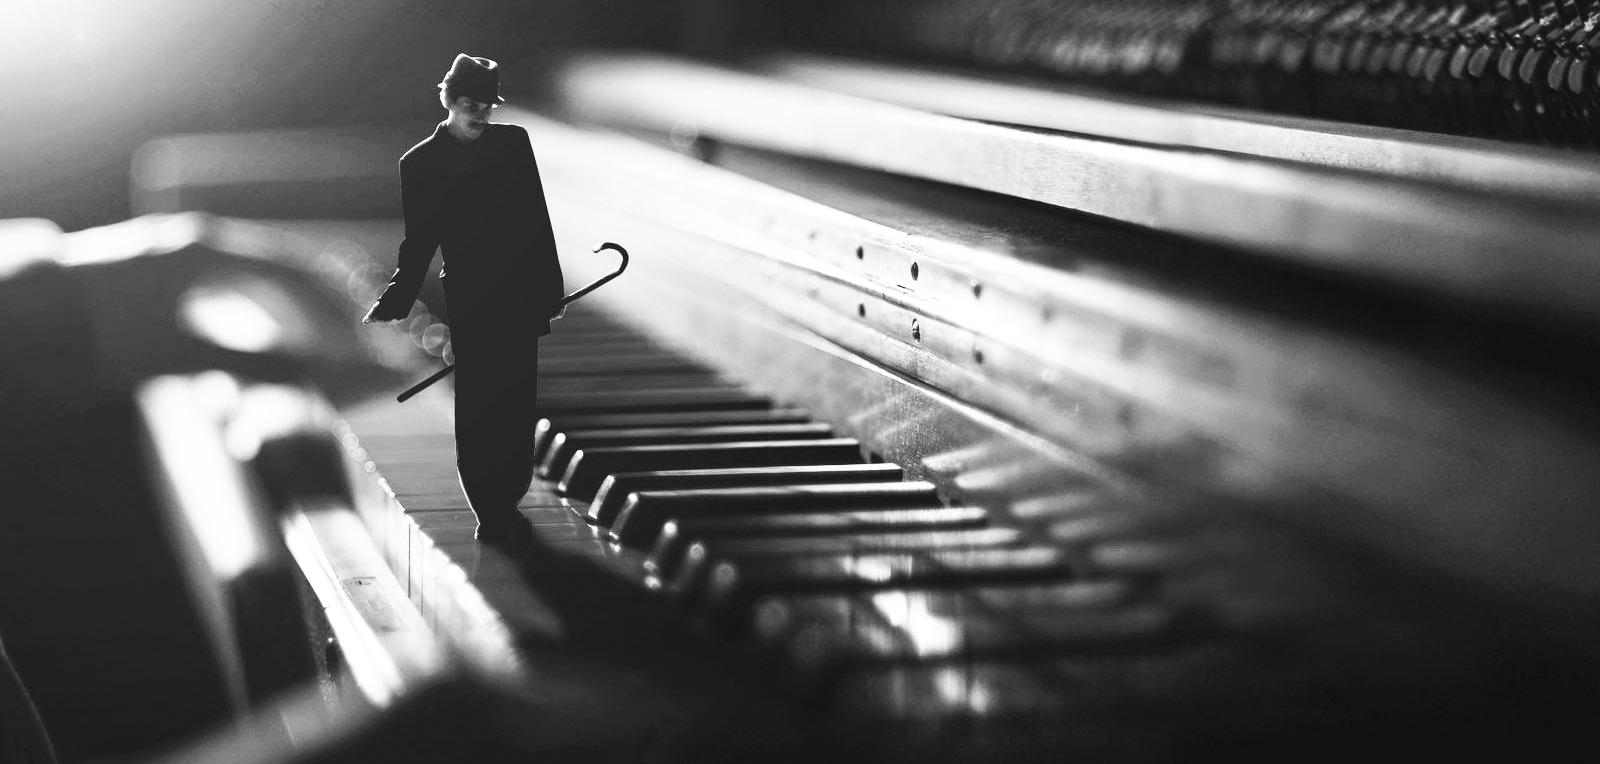 Pian piano: la danza Svizzera